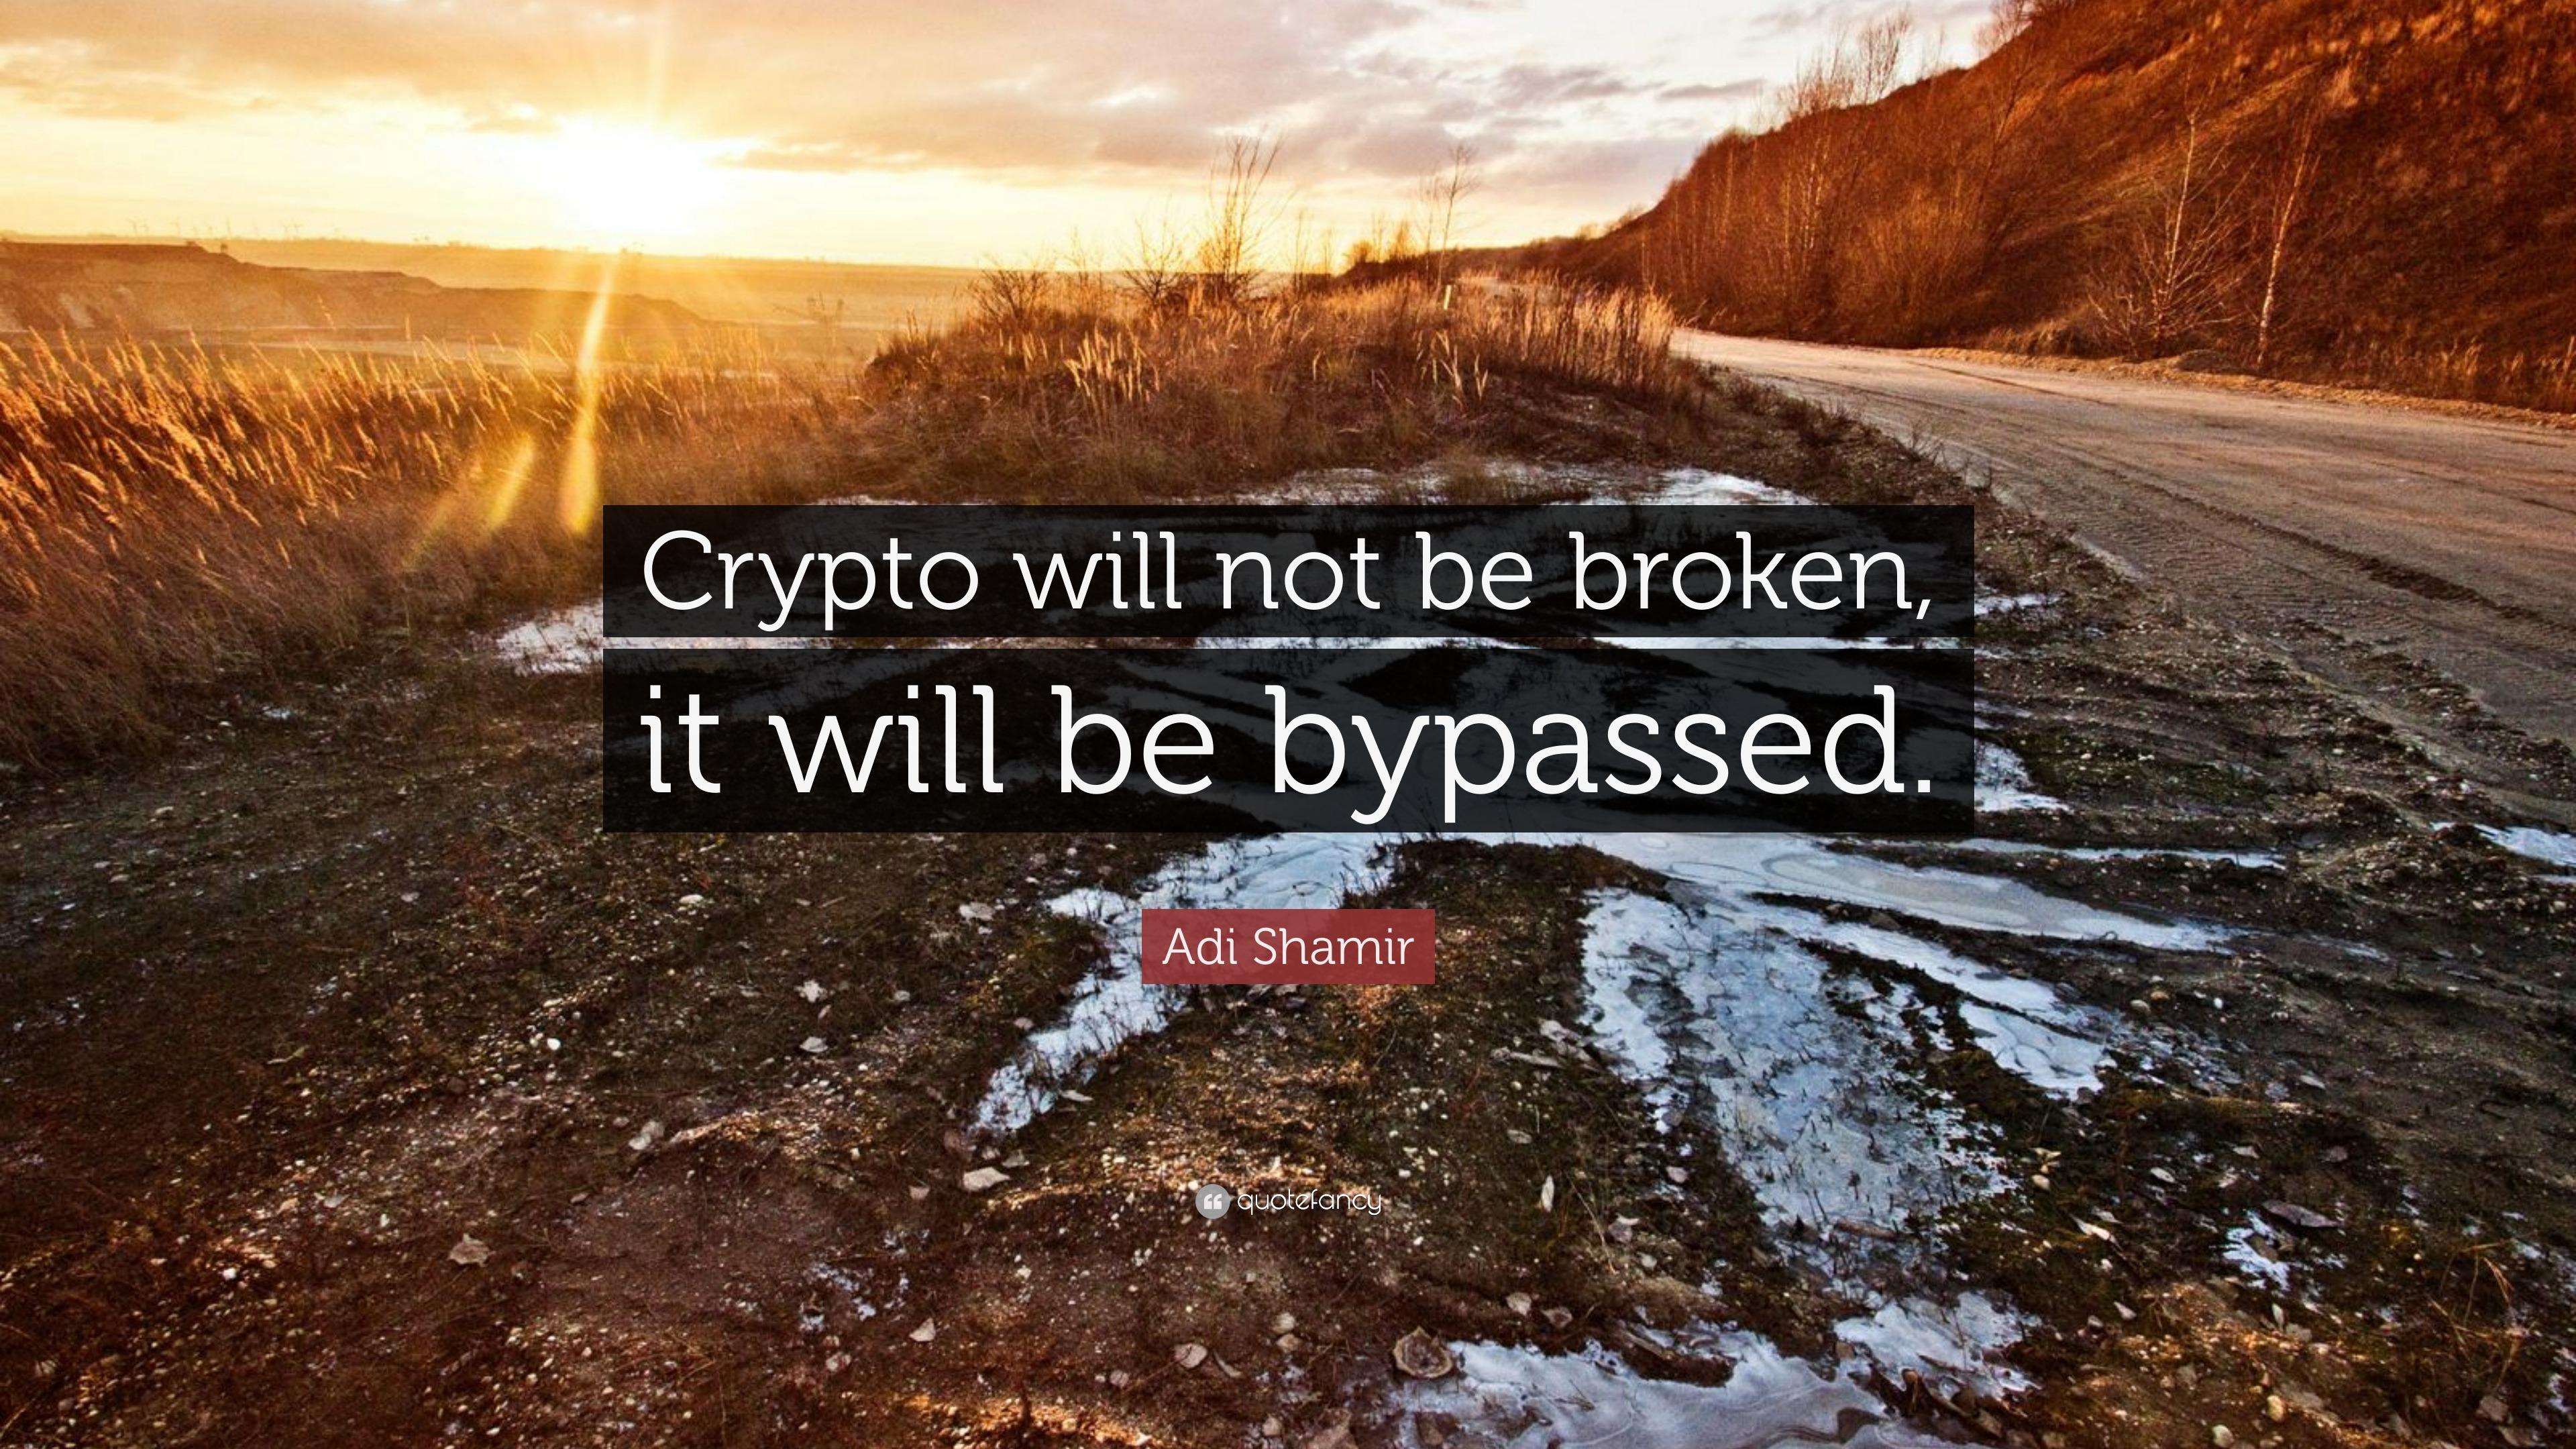 adi shamir bitcoin bitcoin 1 milion